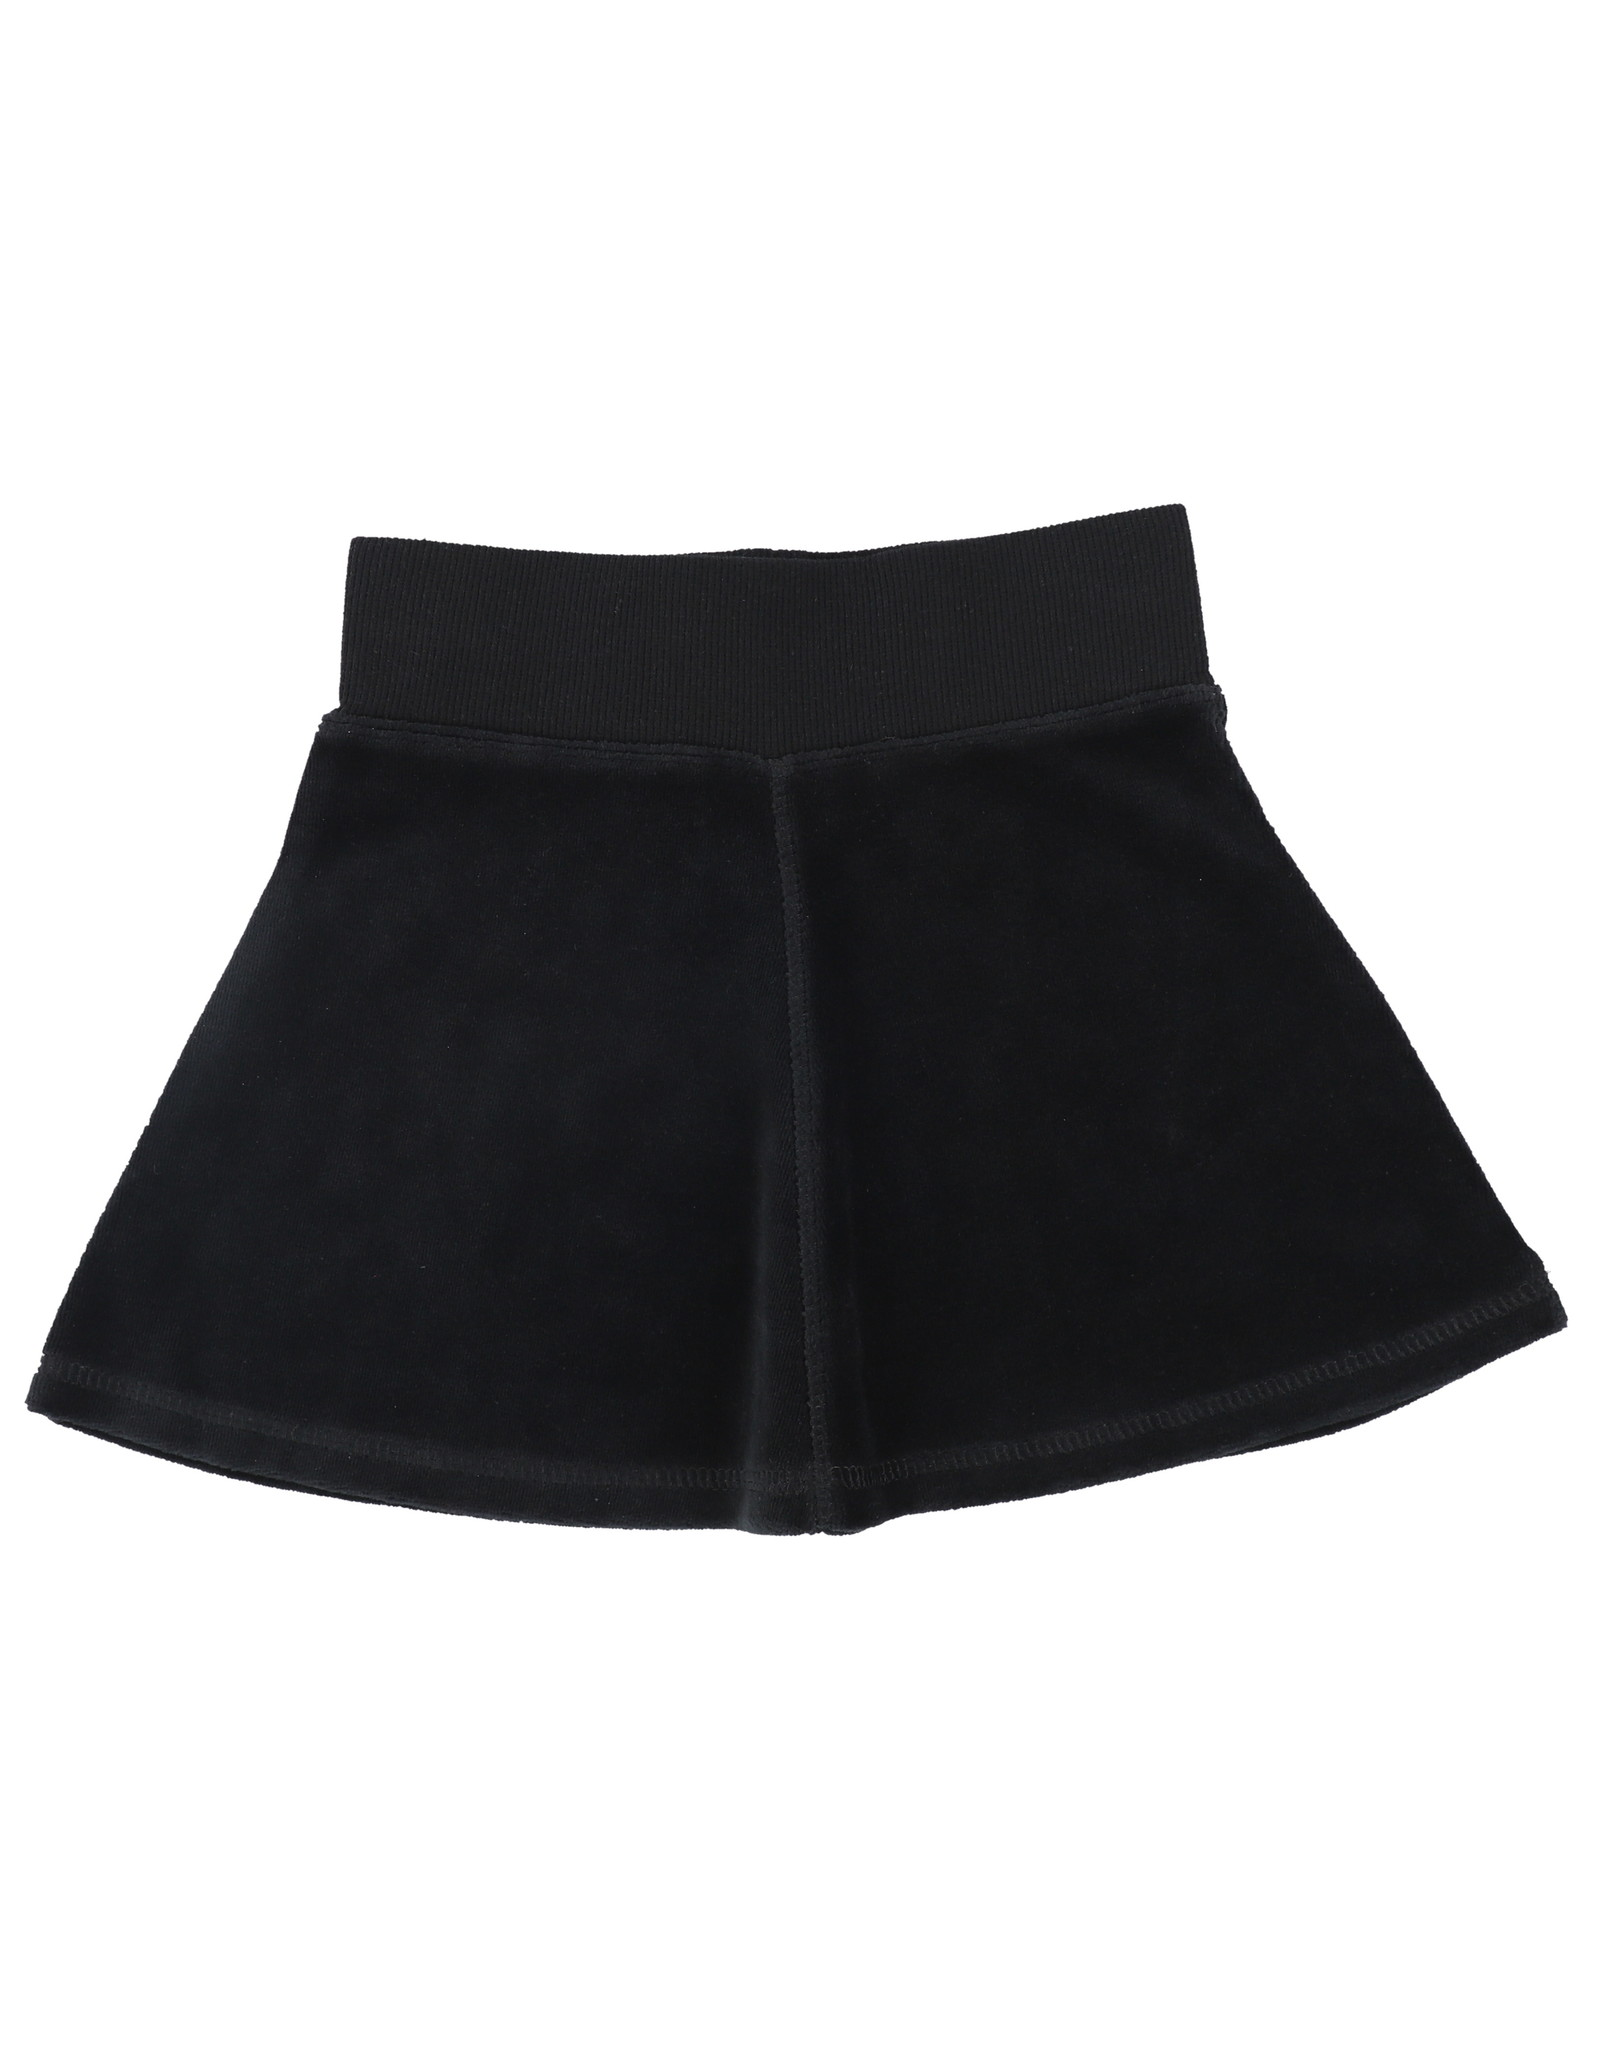 Analogie FW20 Velour Skirt